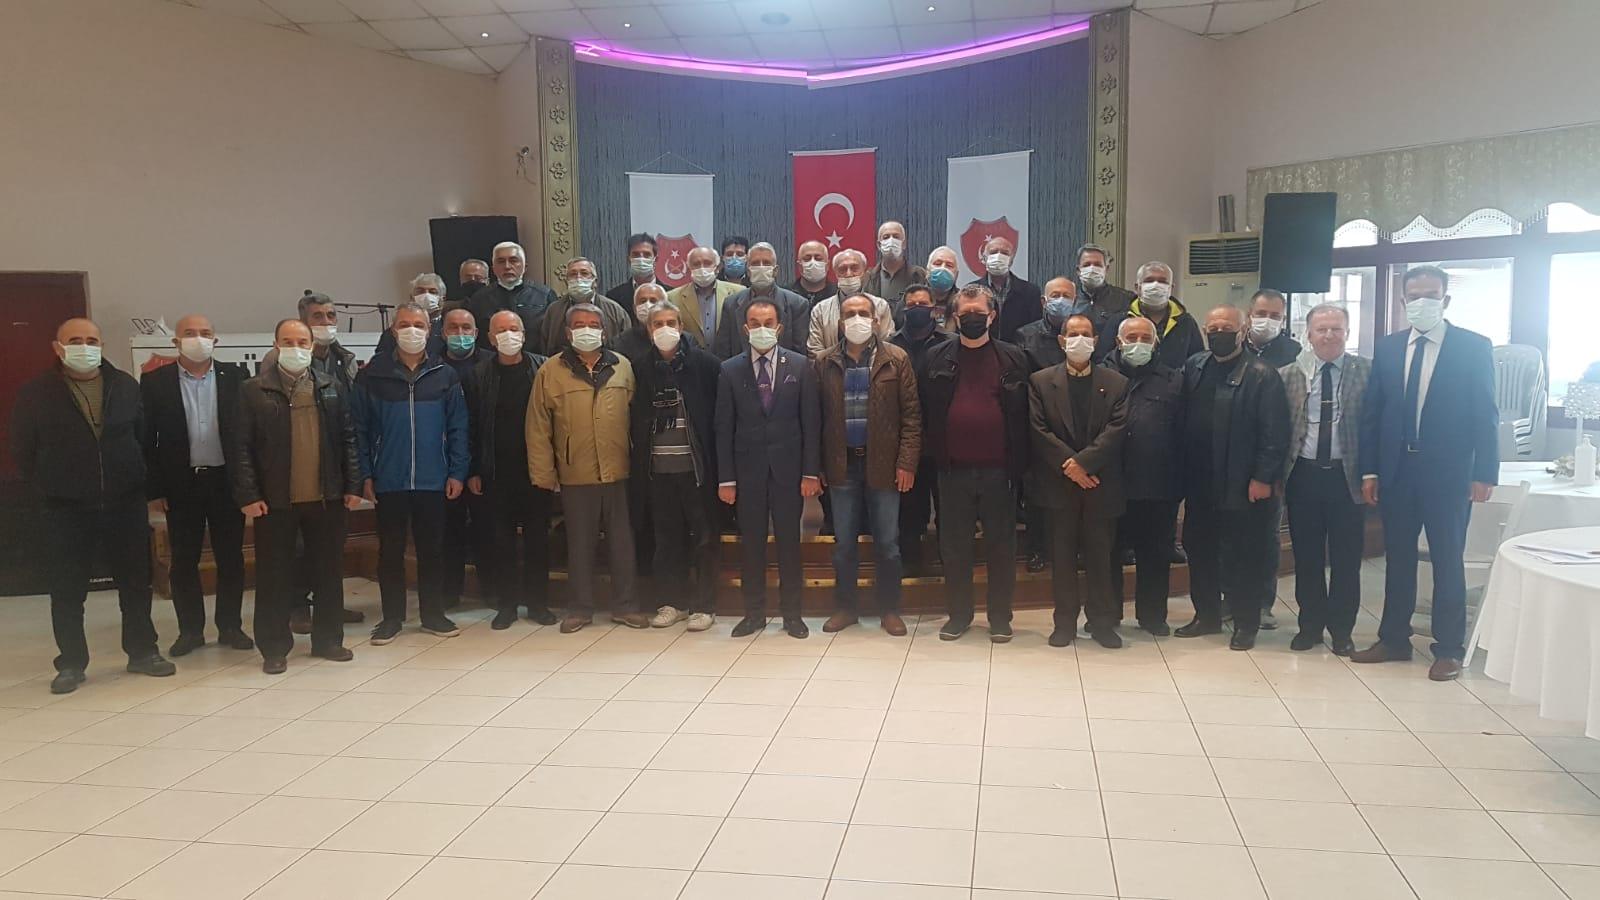 TEMAD BUCA ŞUBESİ 8'İNCİ OLAĞAN GENEL KURULU GERÇEKLEŞTİRİLDİ